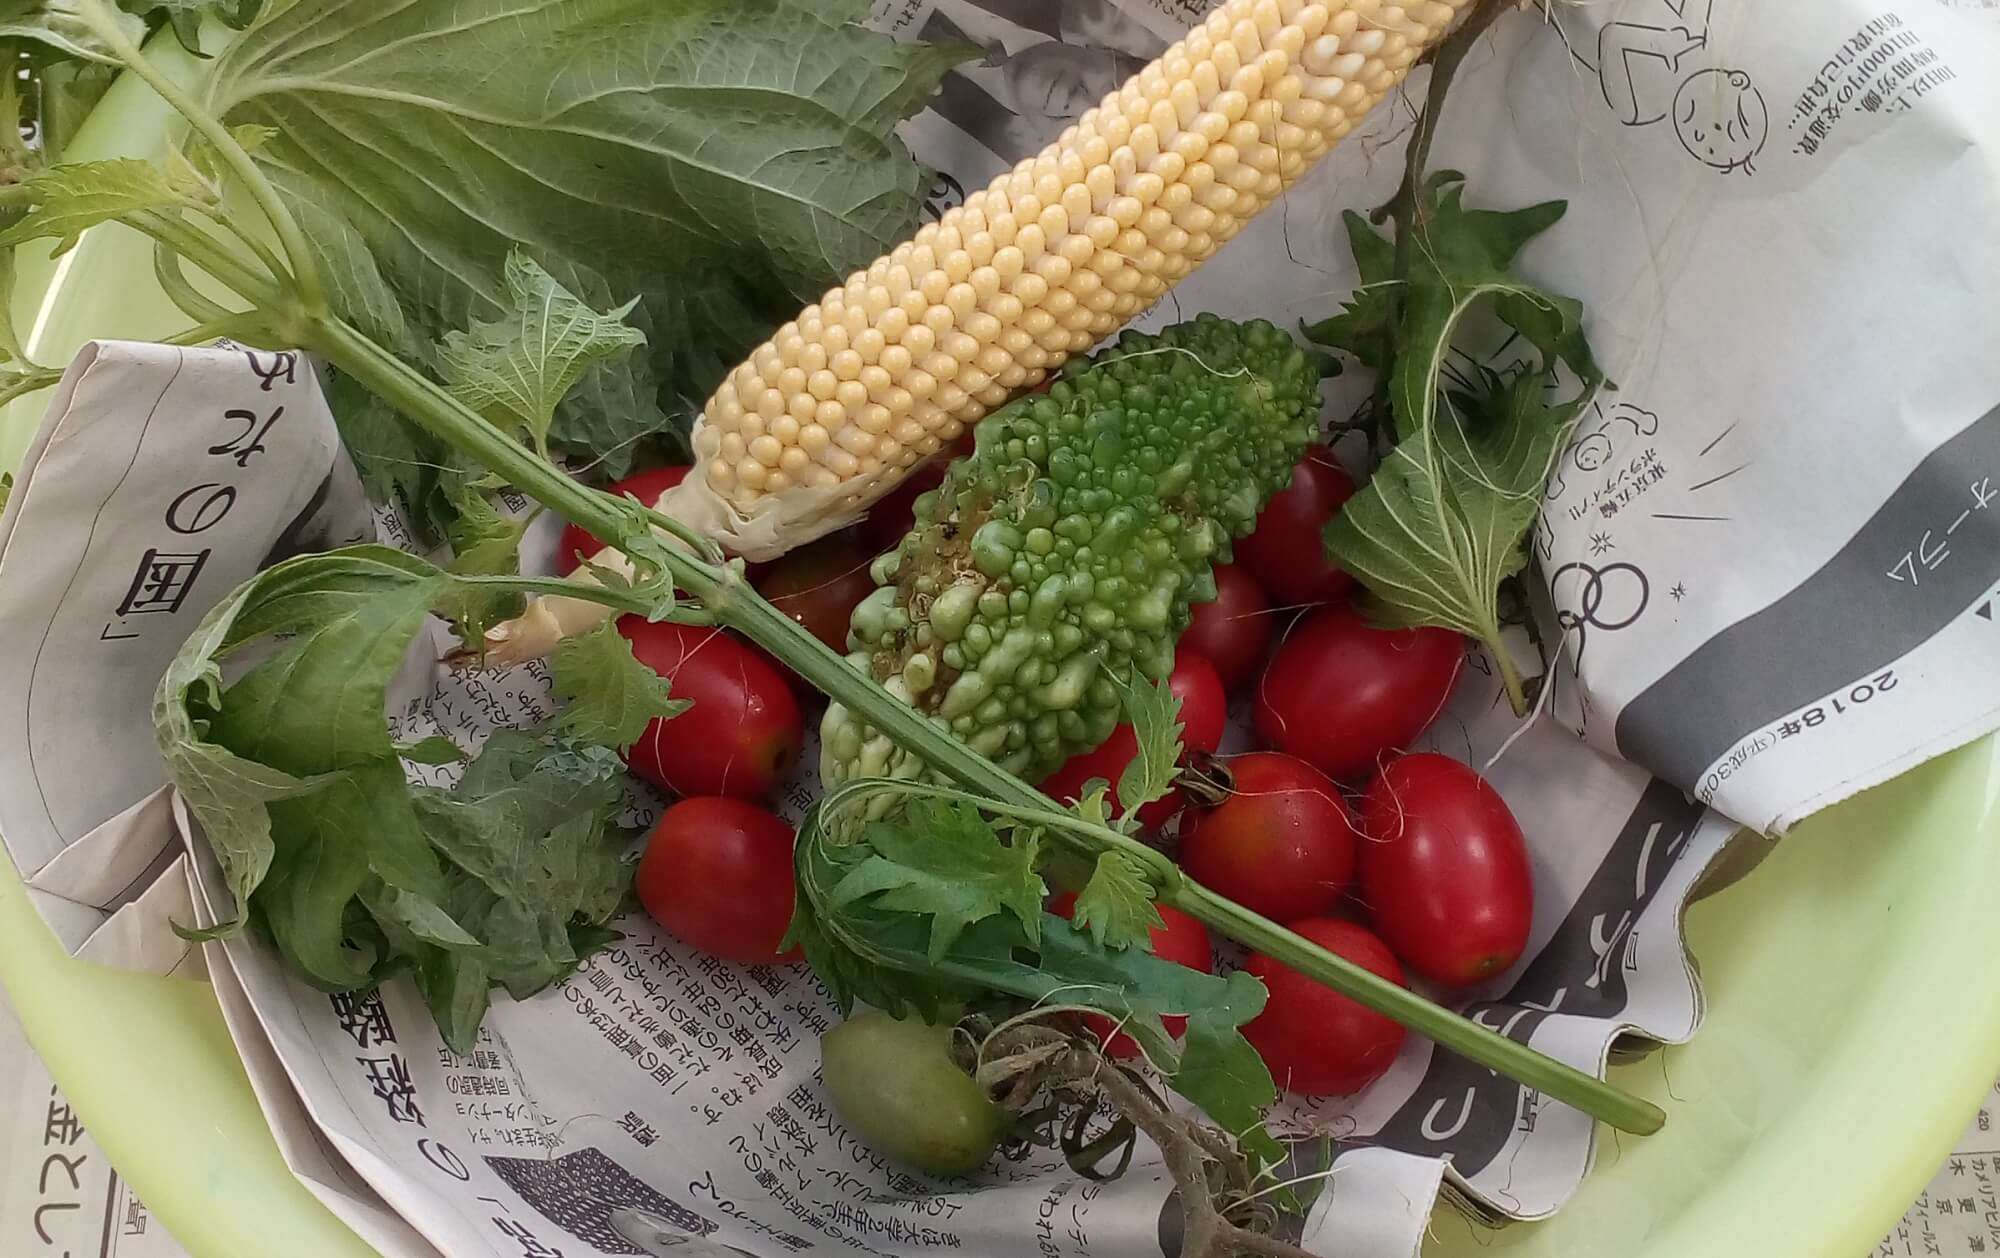 収穫したミニトマトやにがうりなど